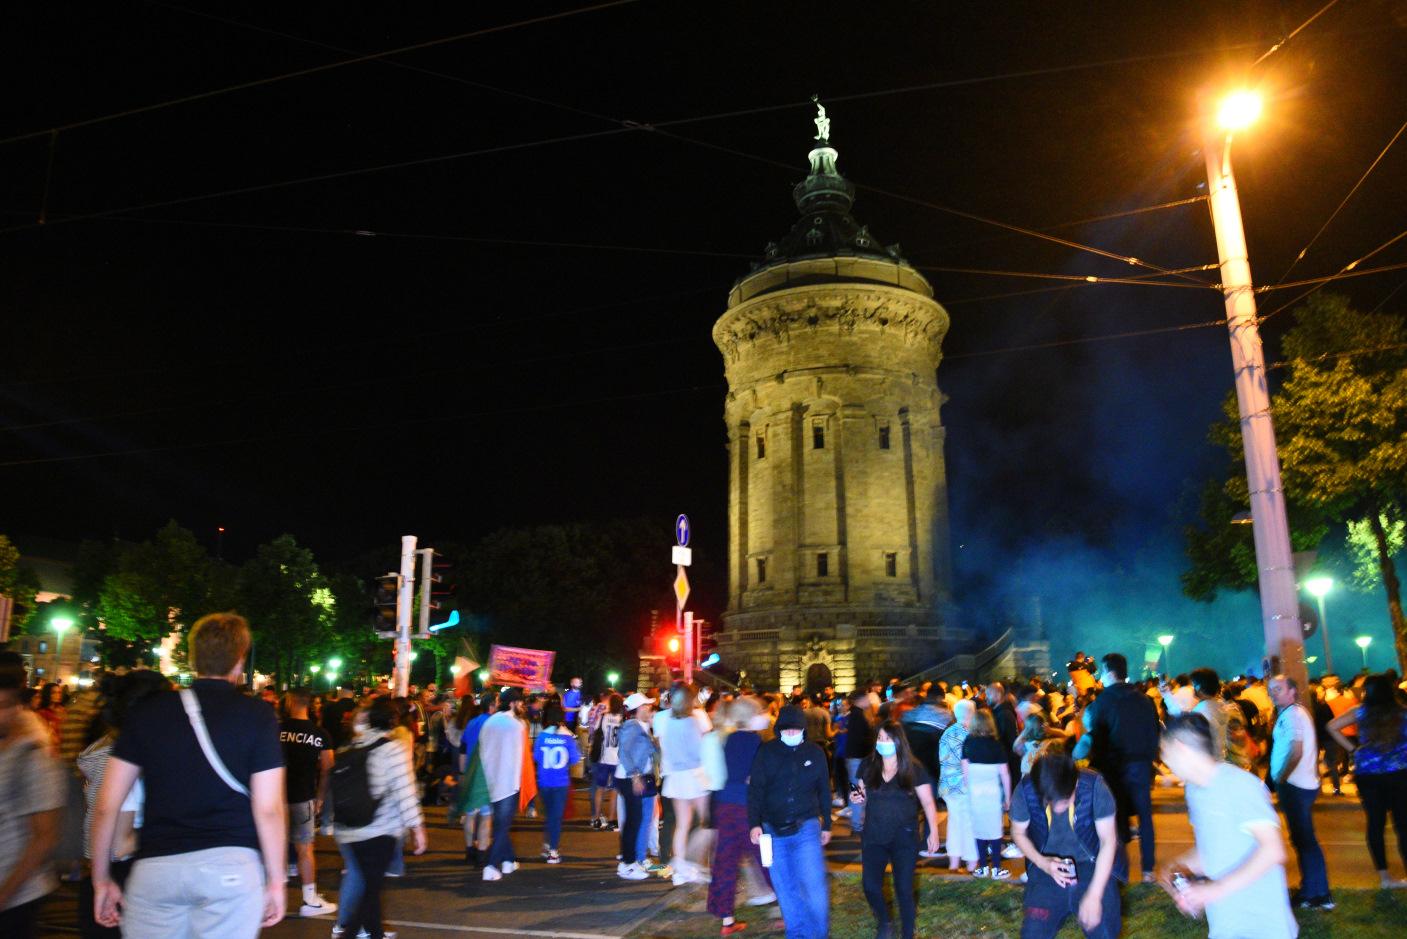 Mannheim/Heidelberg/Rhein-Neckar-Kreis: Autokorsos und feiernde Fans nach EM-Endspiel